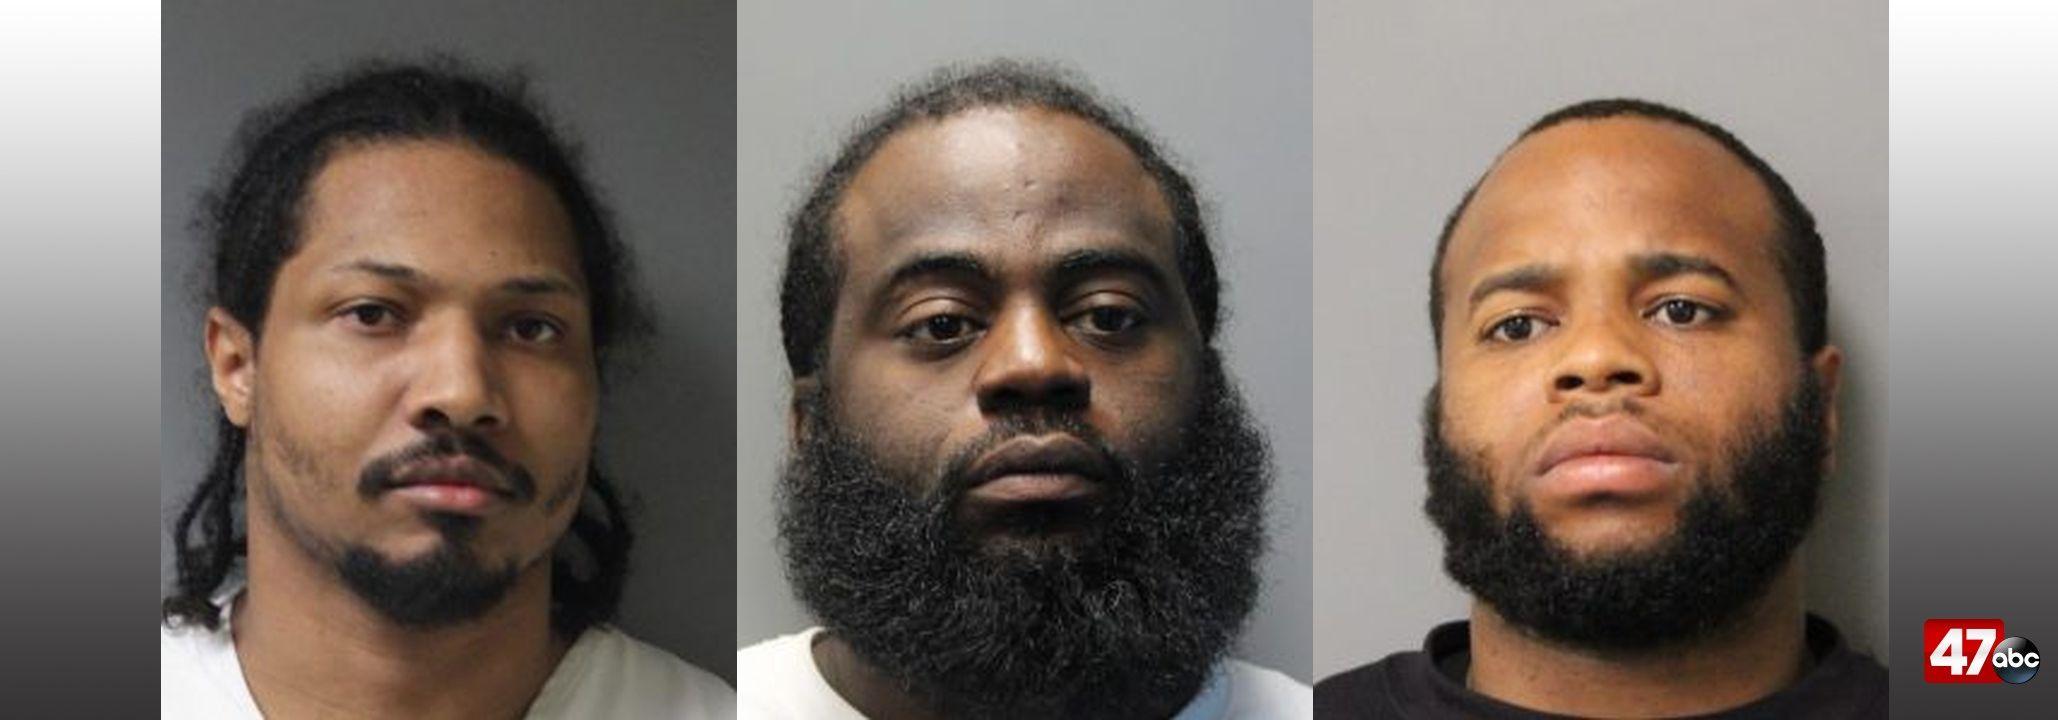 1280 Georgetown Drug Arrest